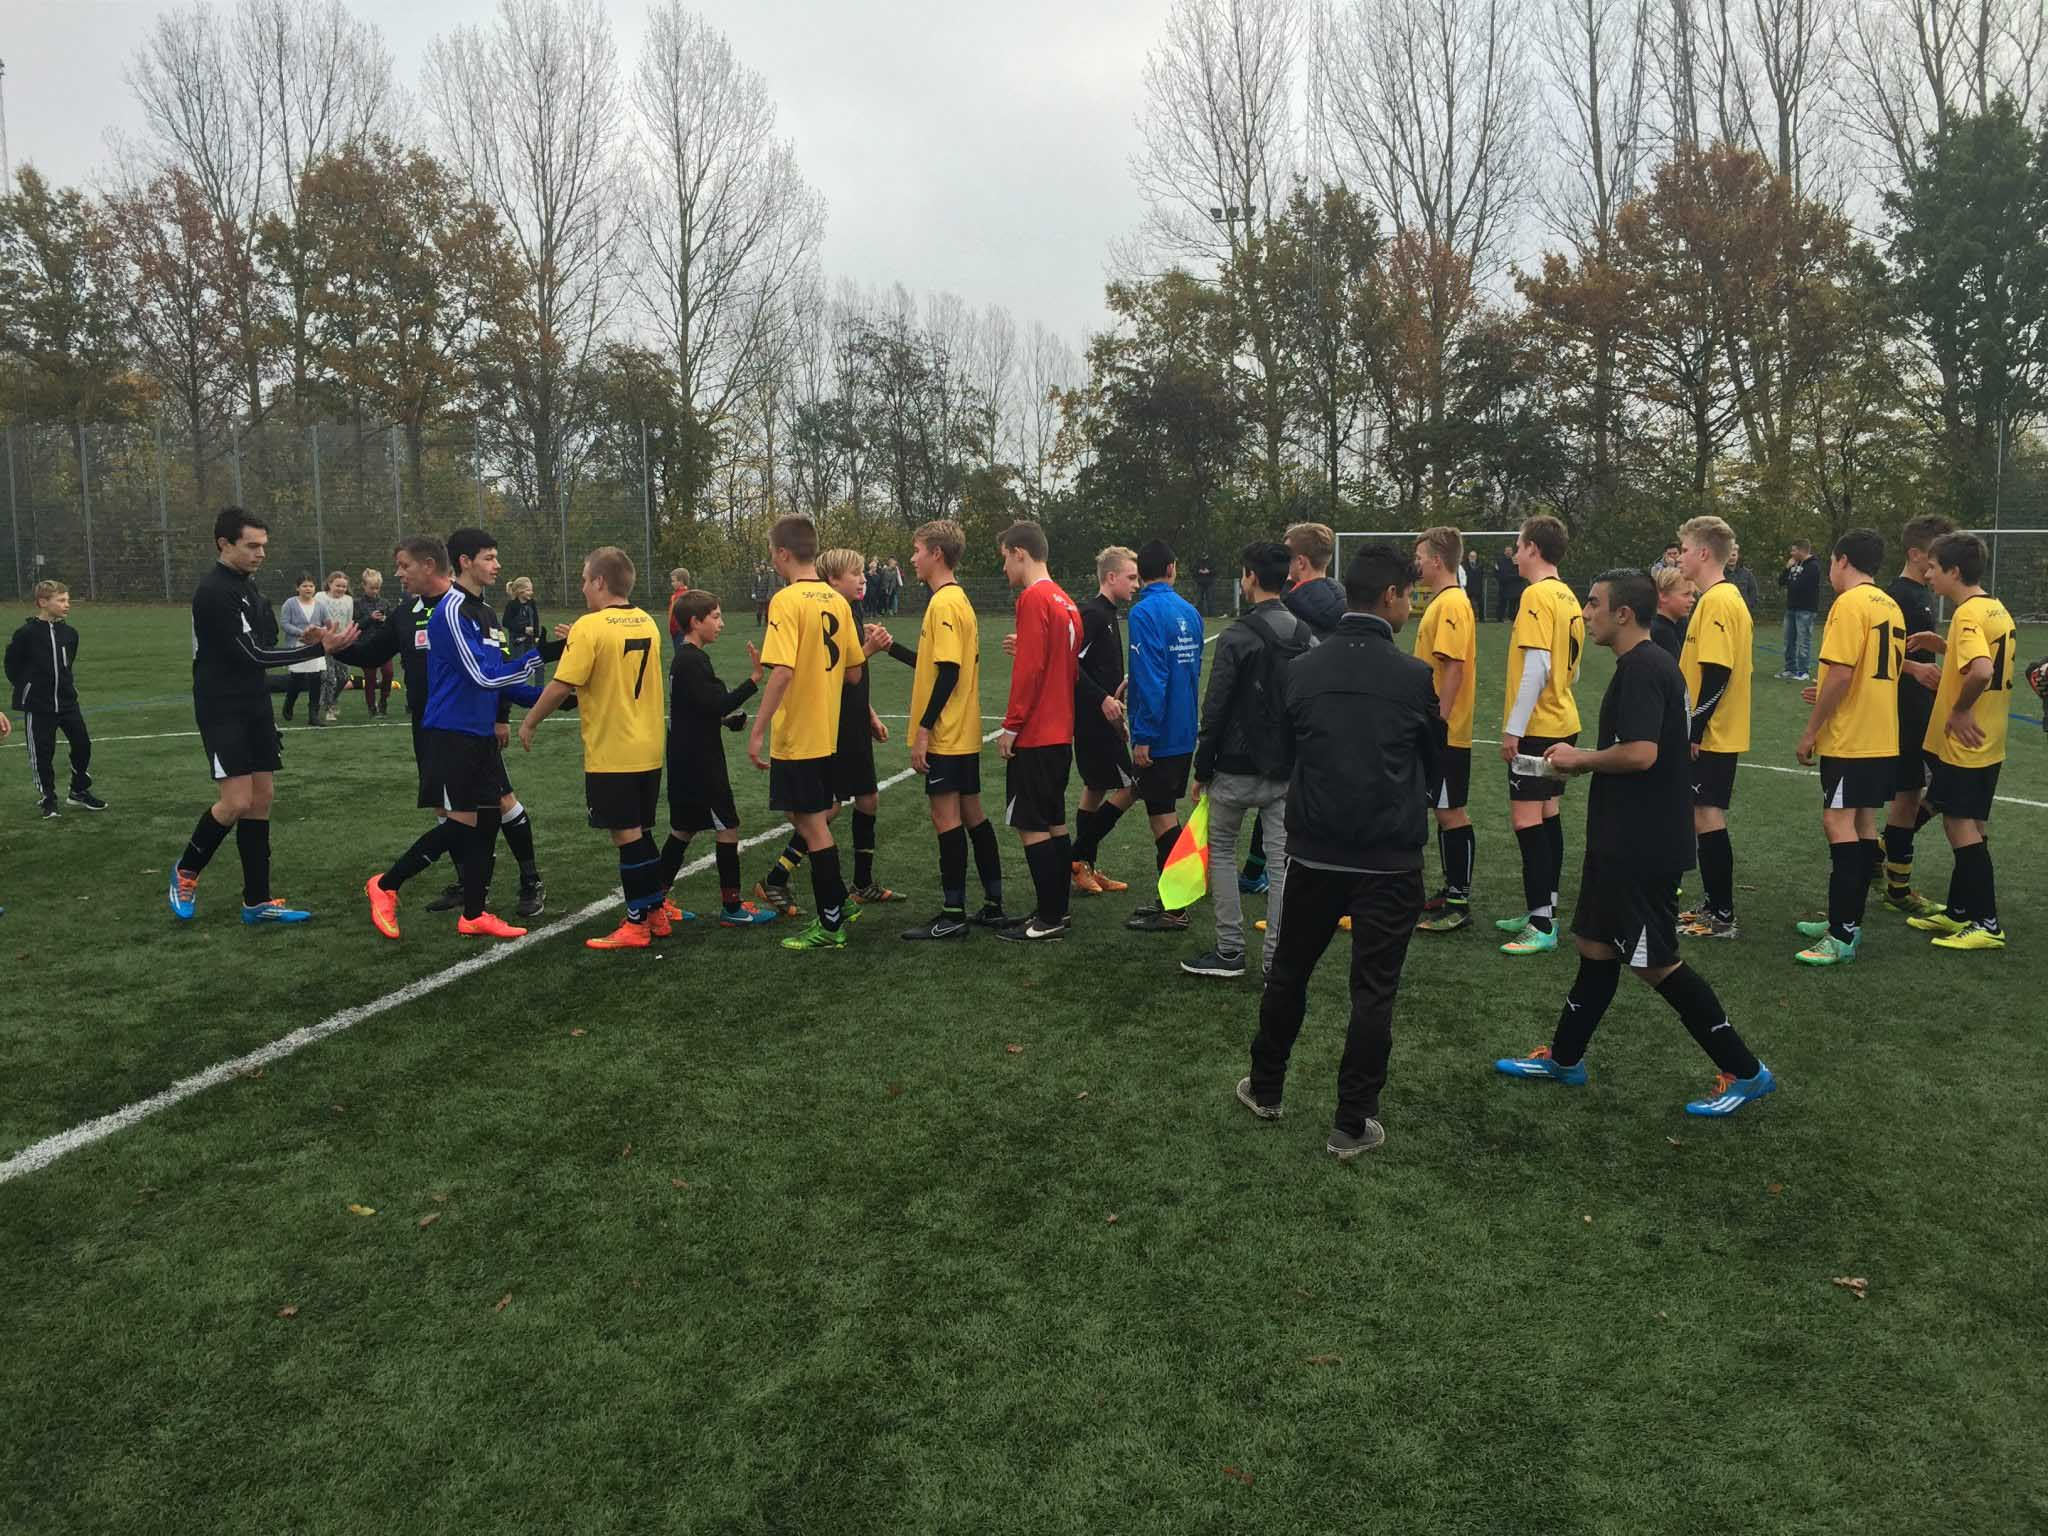 Fodbold: Gåsetårnskolen i kredsfinale, både piger og drenge.